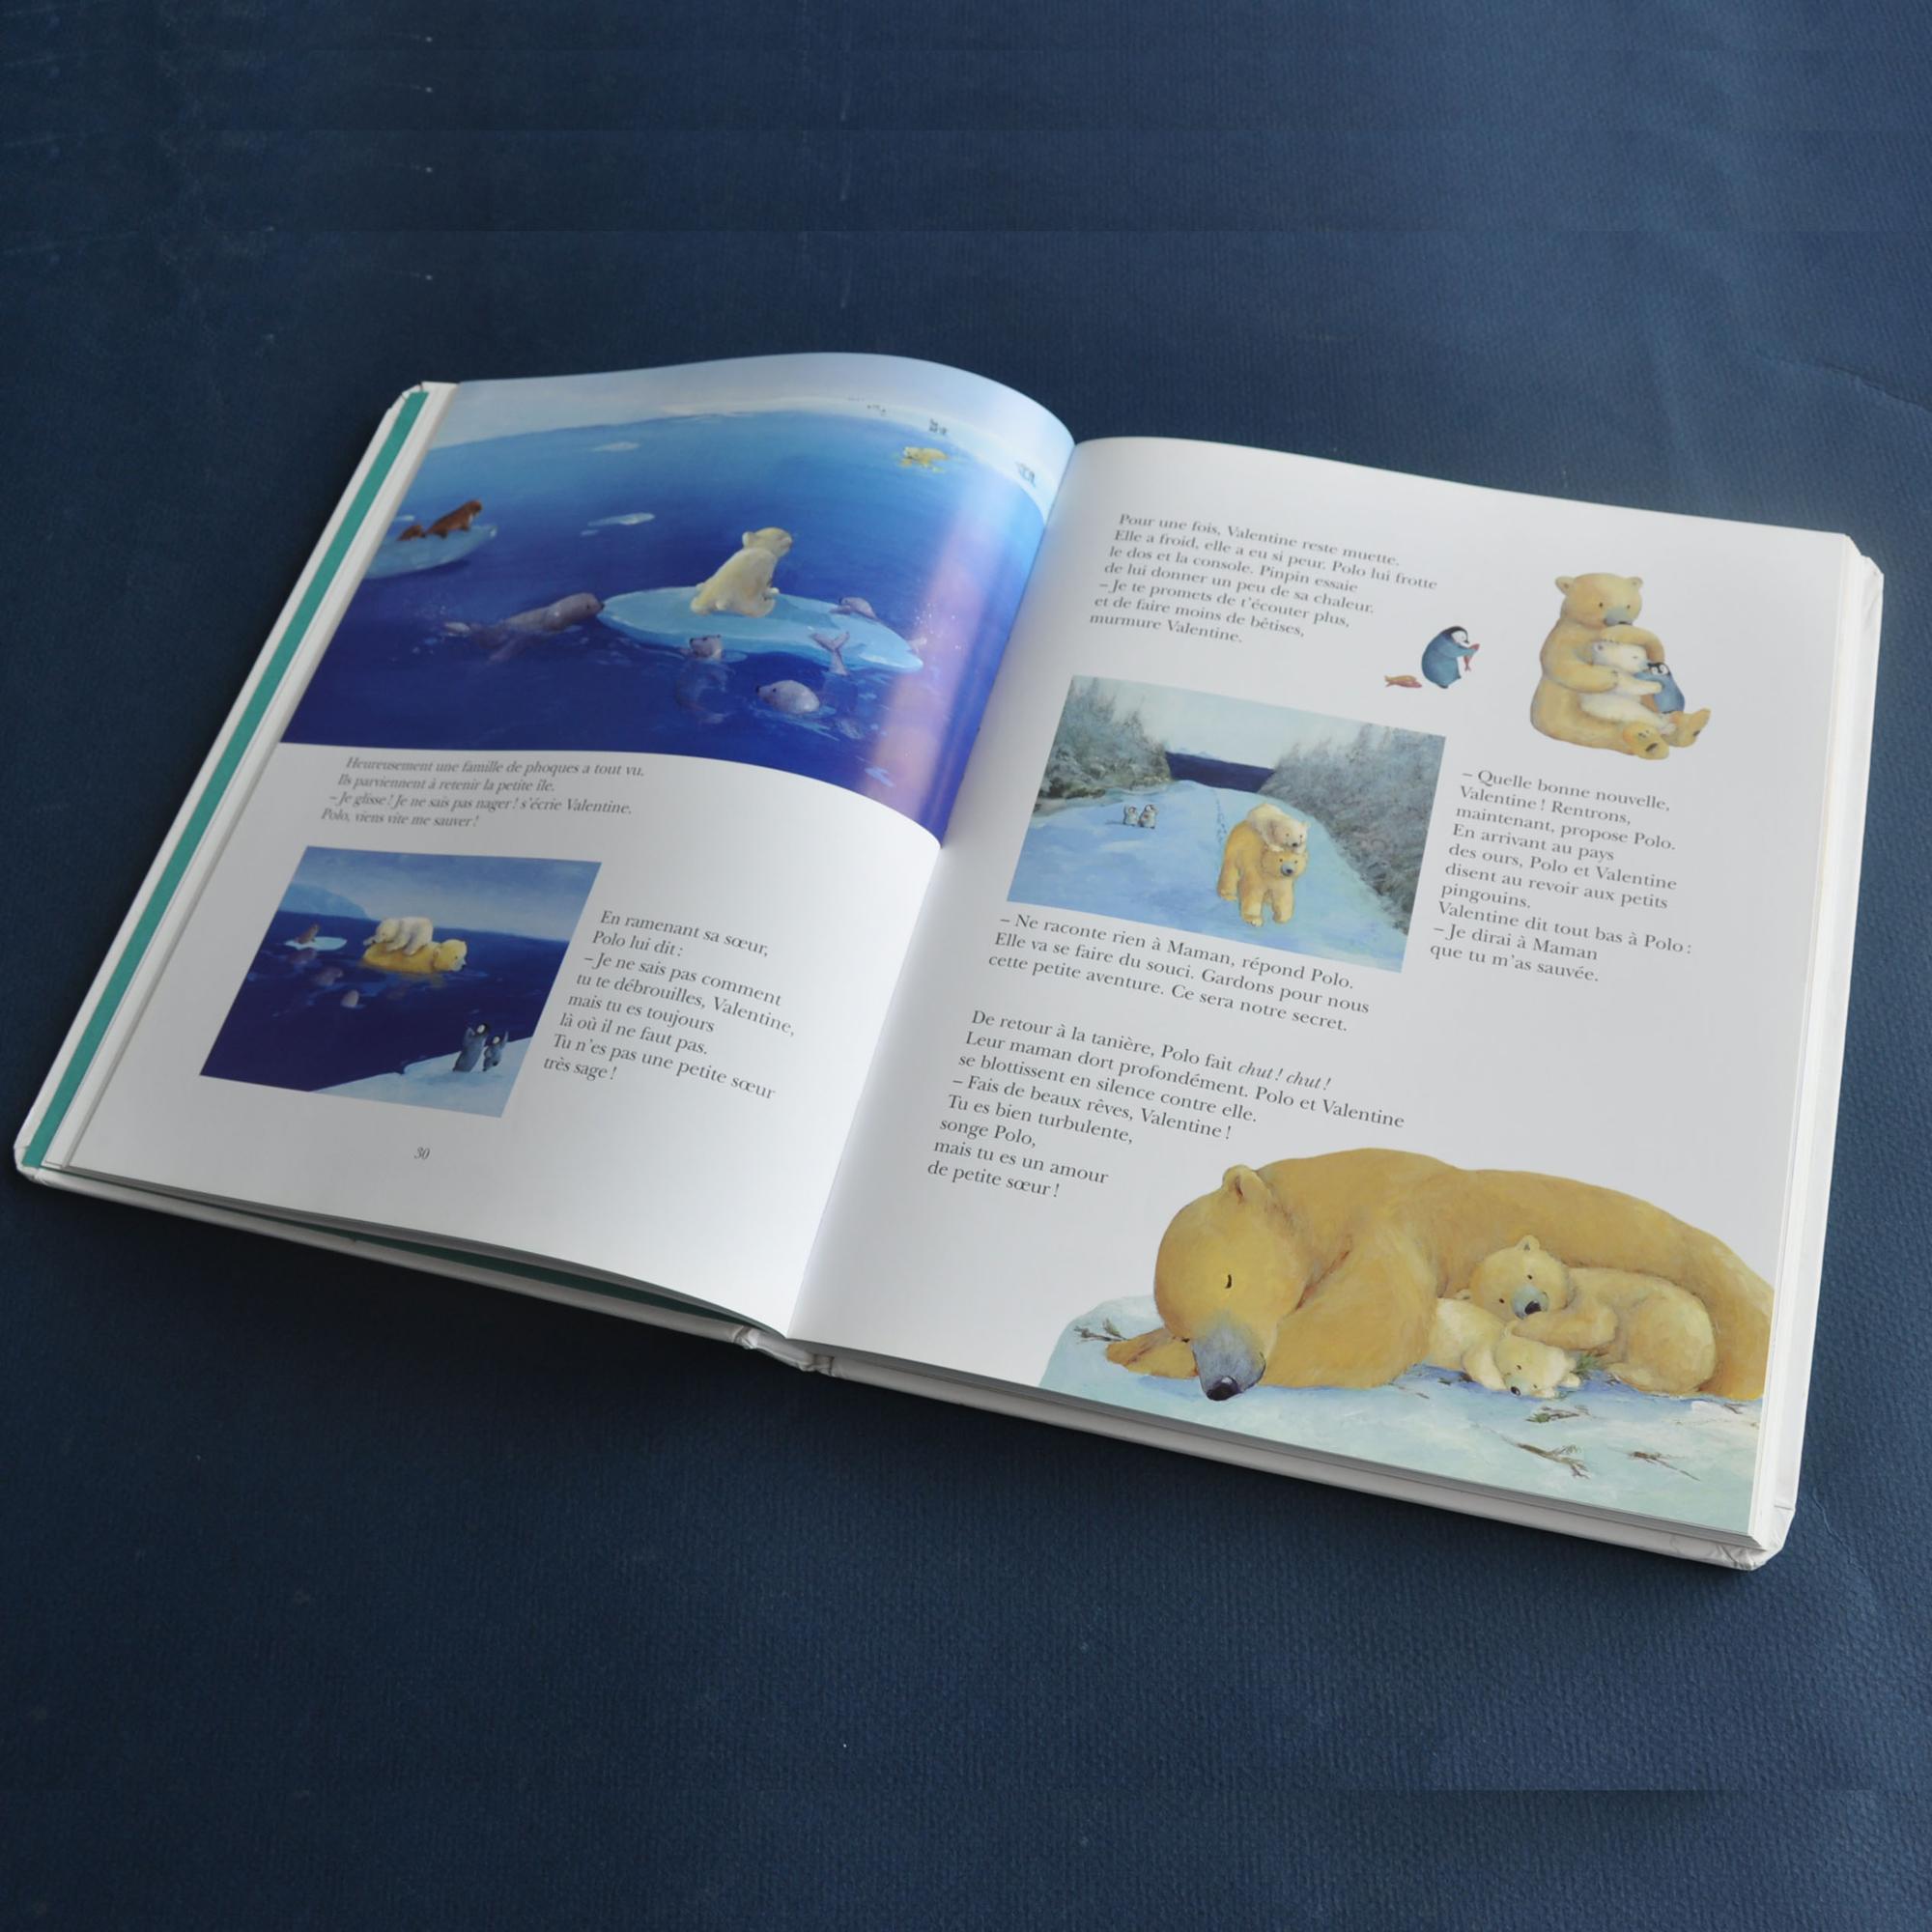 Soft Touch Espuma Tapa Dura Impresión Del Libro Infantil Buy Impresión De Libros Infantilesimpresión De Libro De Niño Tapa Duraimpresión De Libro